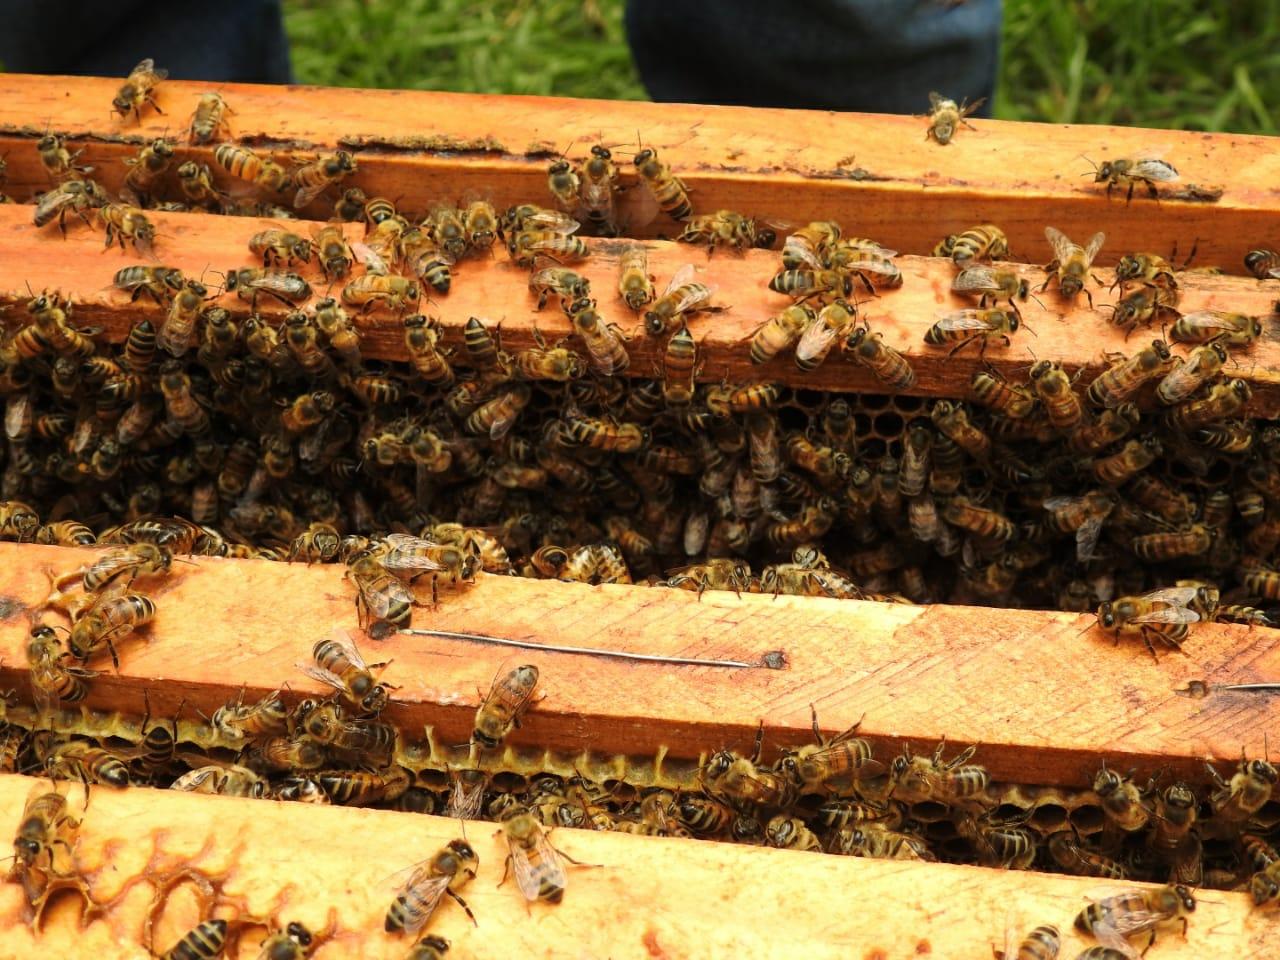 Abejas, zumbidos y miel